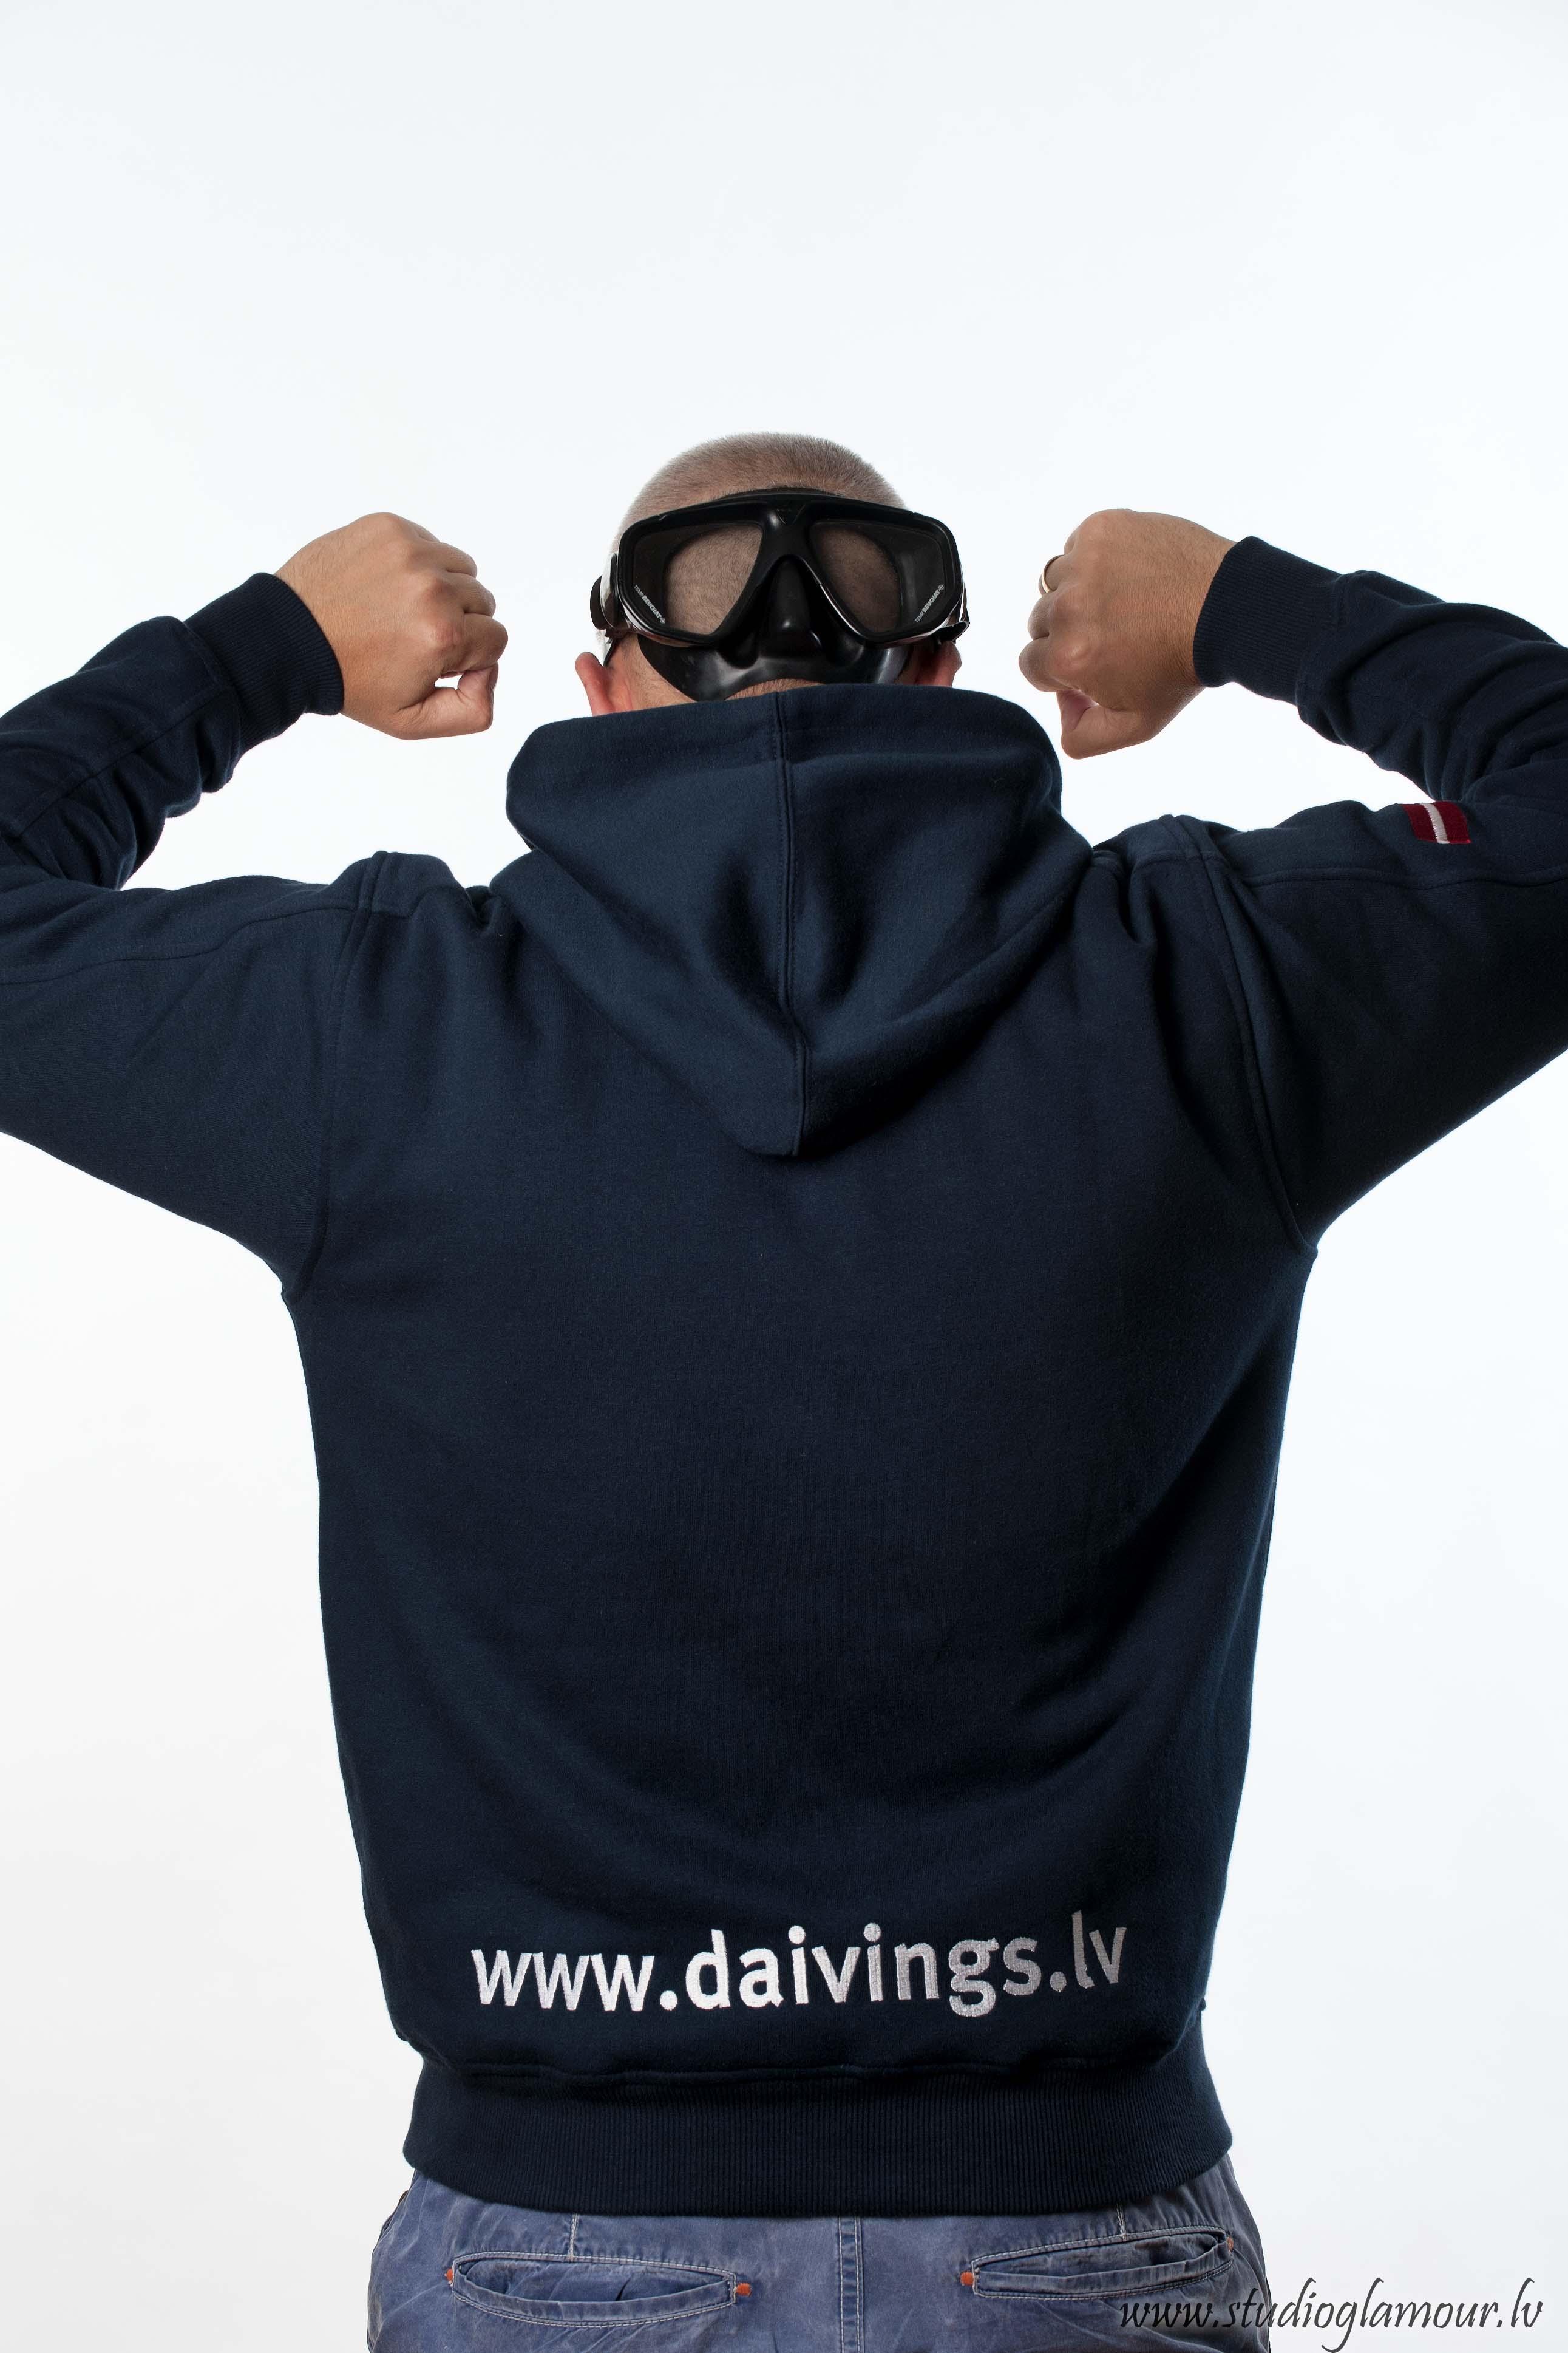 Daivings.lv sporta aktīvists demonstrē feino uzrakstu uz muguras